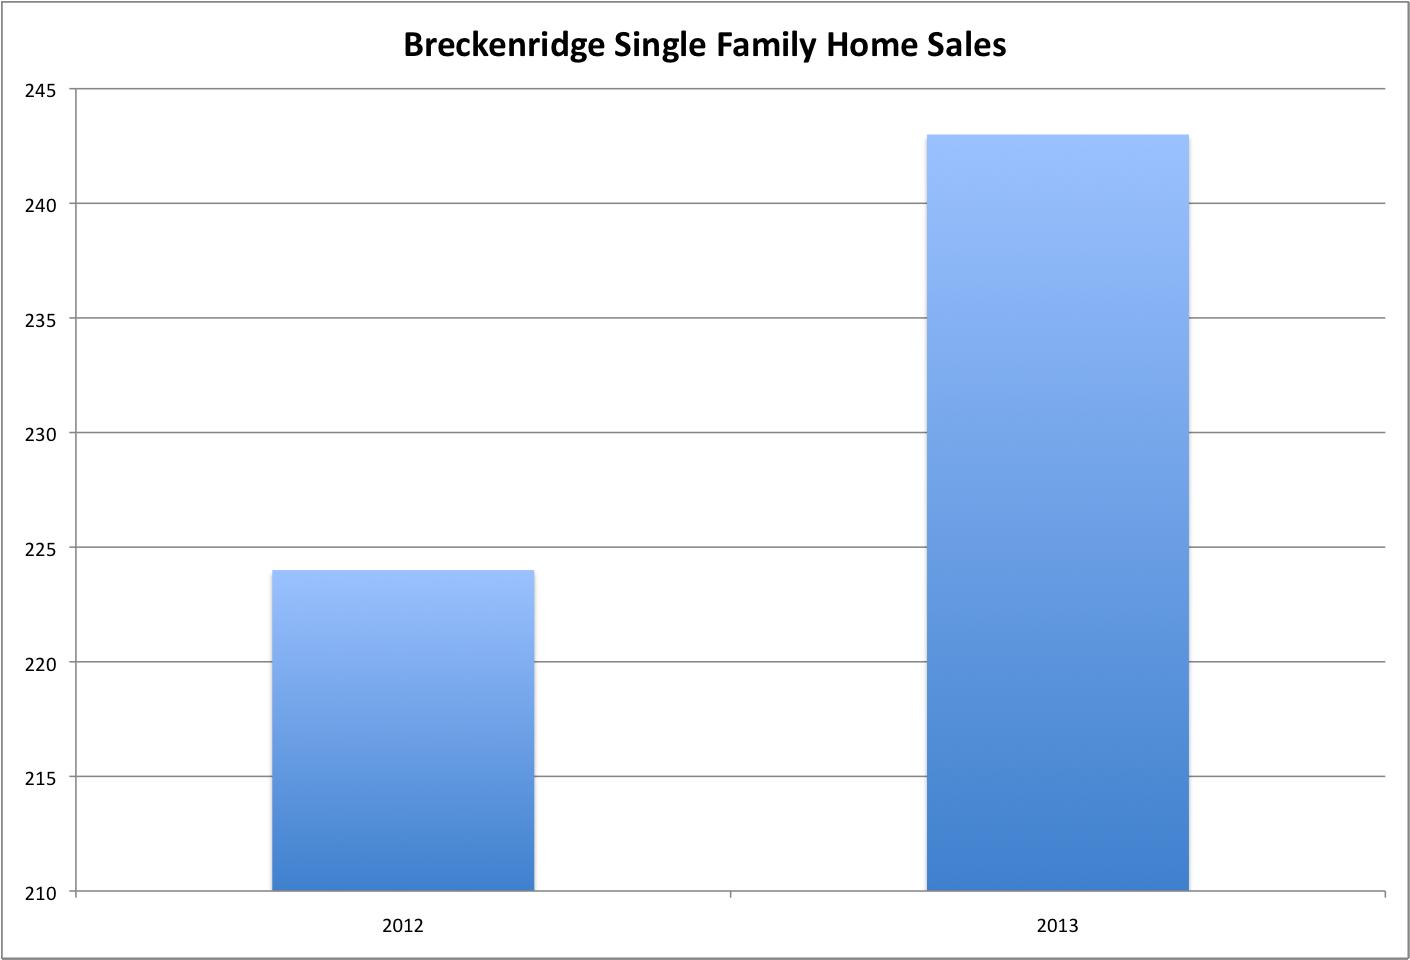 Breckenridge Single Family Sales